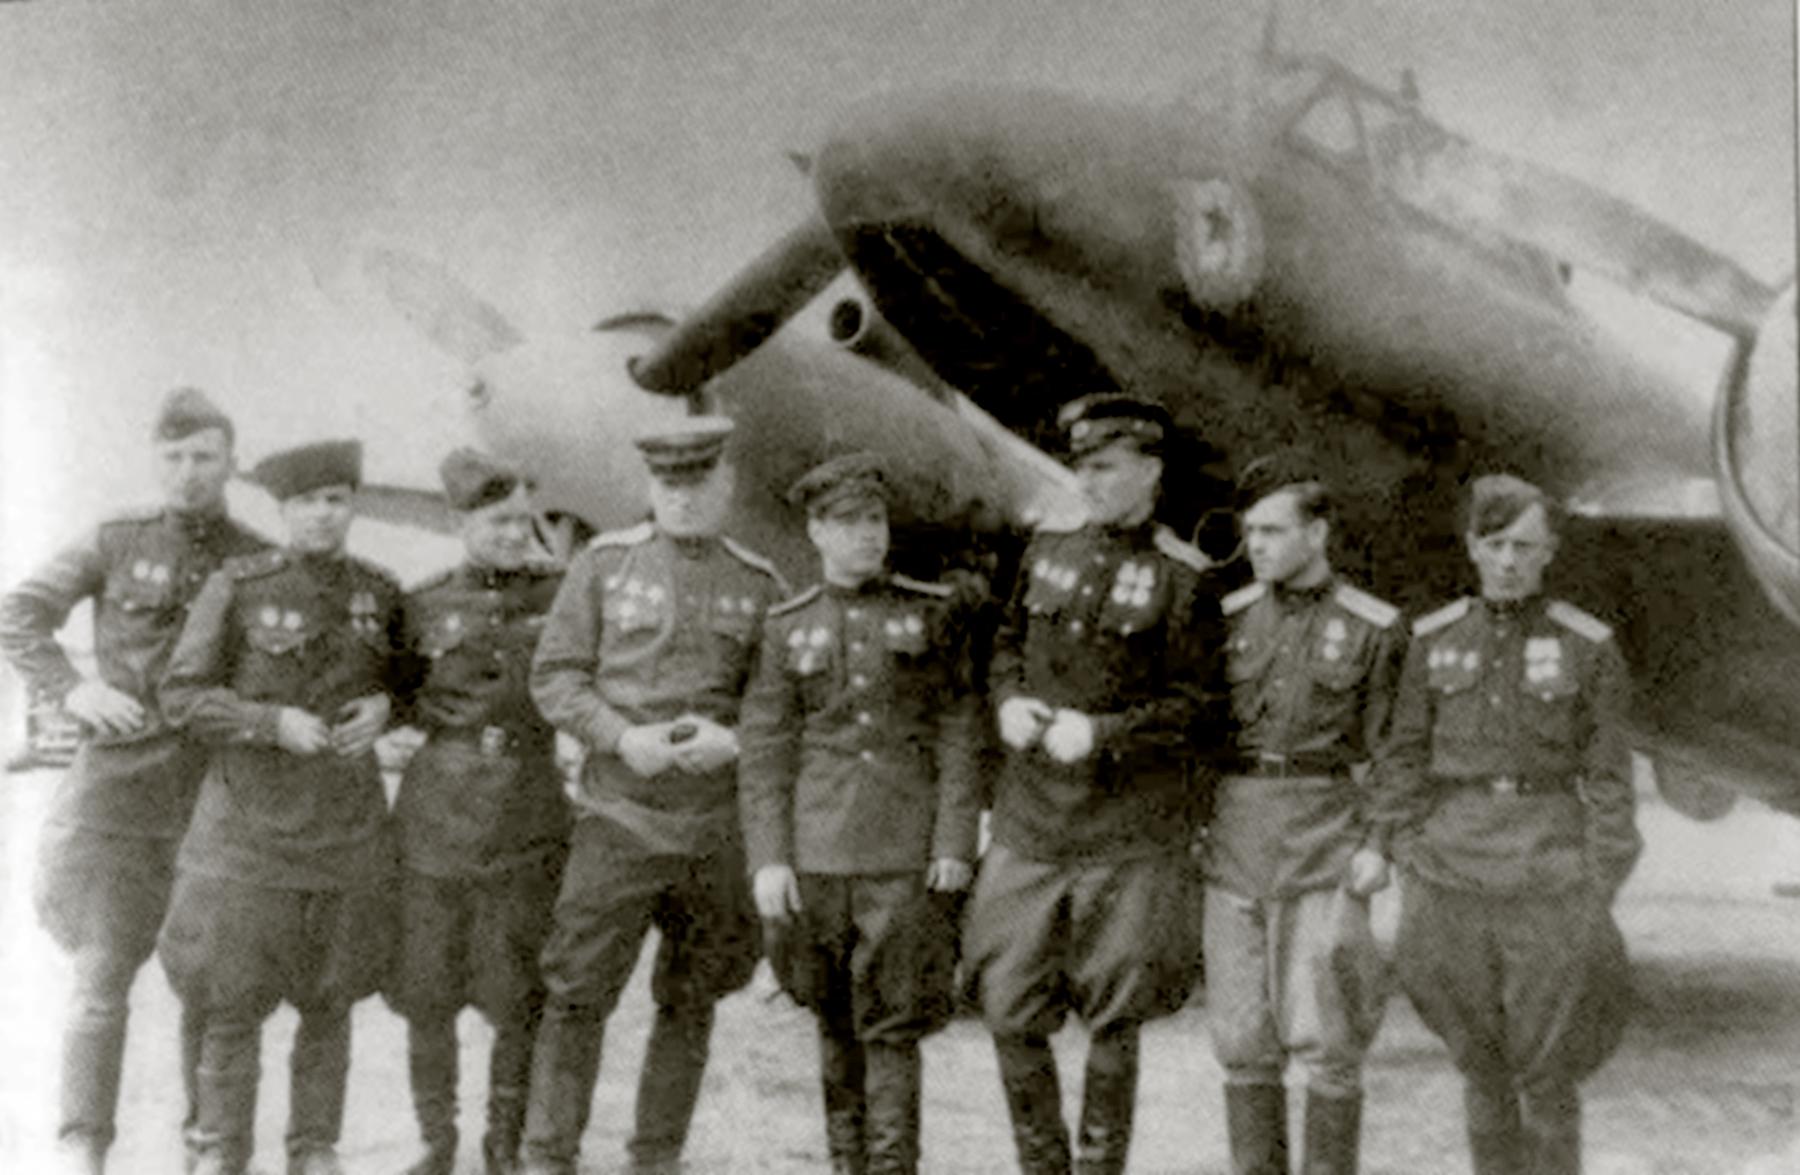 Petlyakov Pe 2 M82 99GvDRAP unit crew members with various awards 01